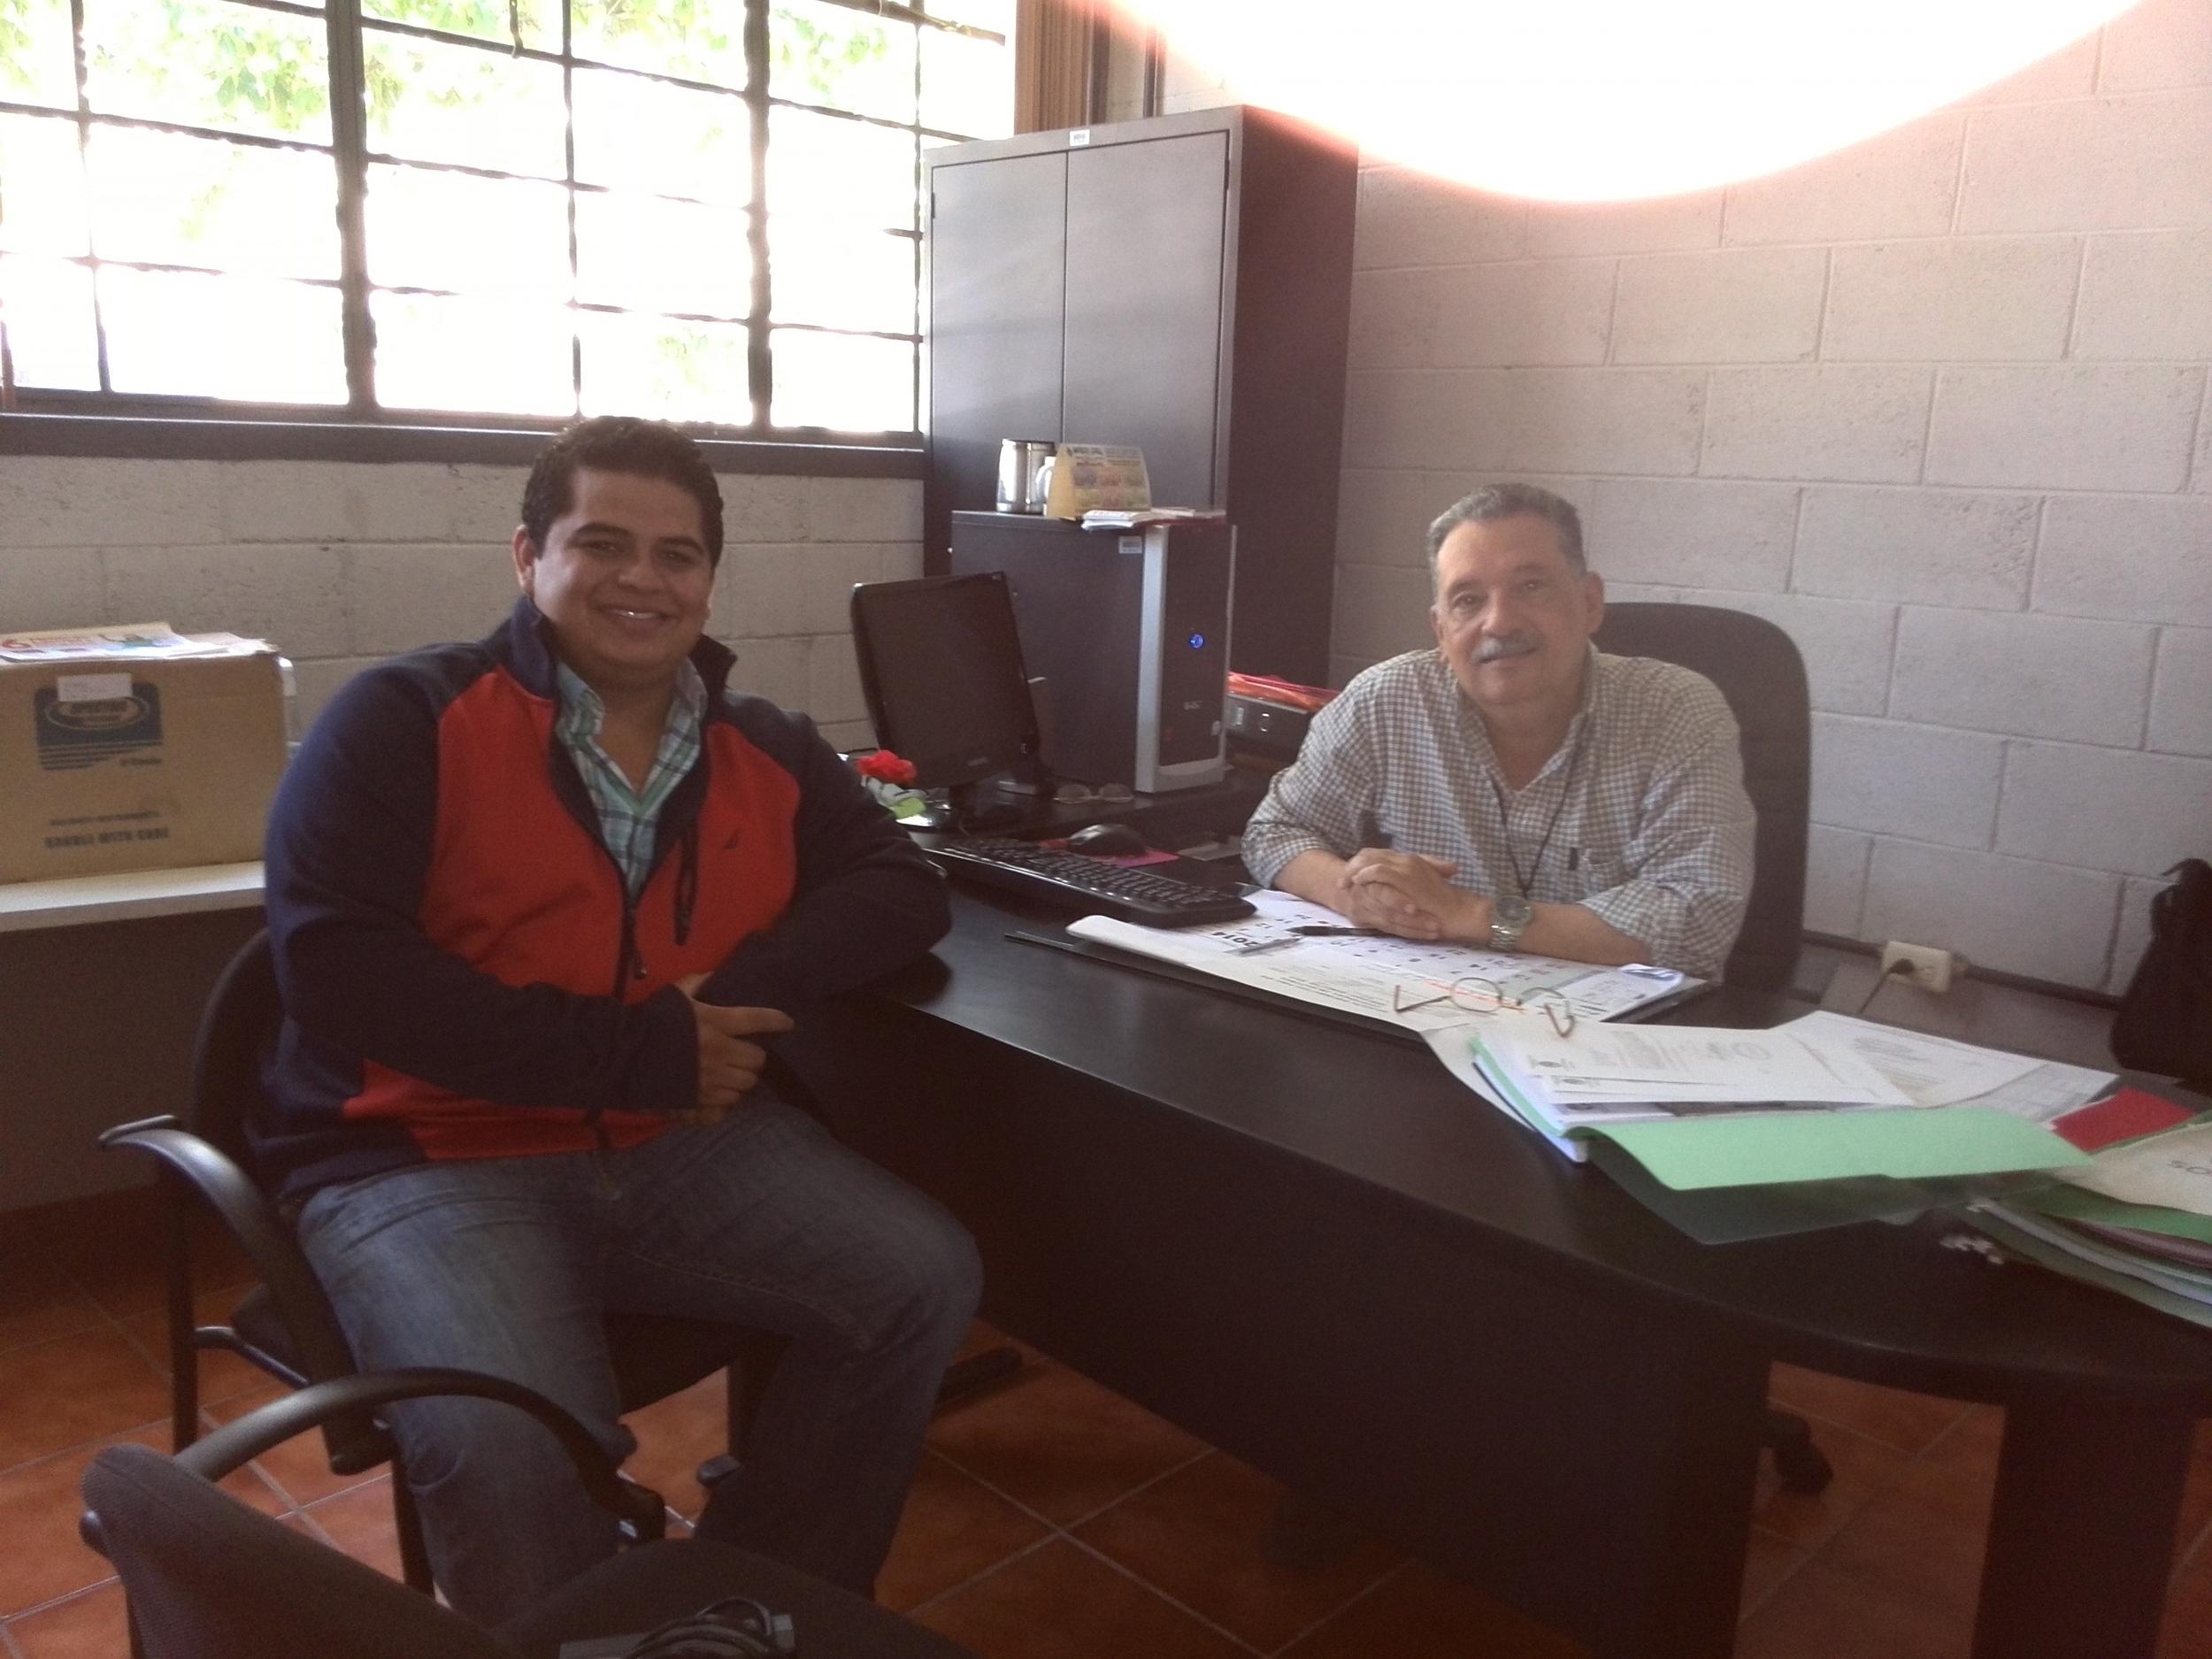 Rogelio y el supervisor de su EPS, el Ing. Silvio Rodriguez, conversando sobre las encuestas que se van a conducir para ConDev y CDF mientras trabaja en su proyecto de infraestructura como parte de su EPS.